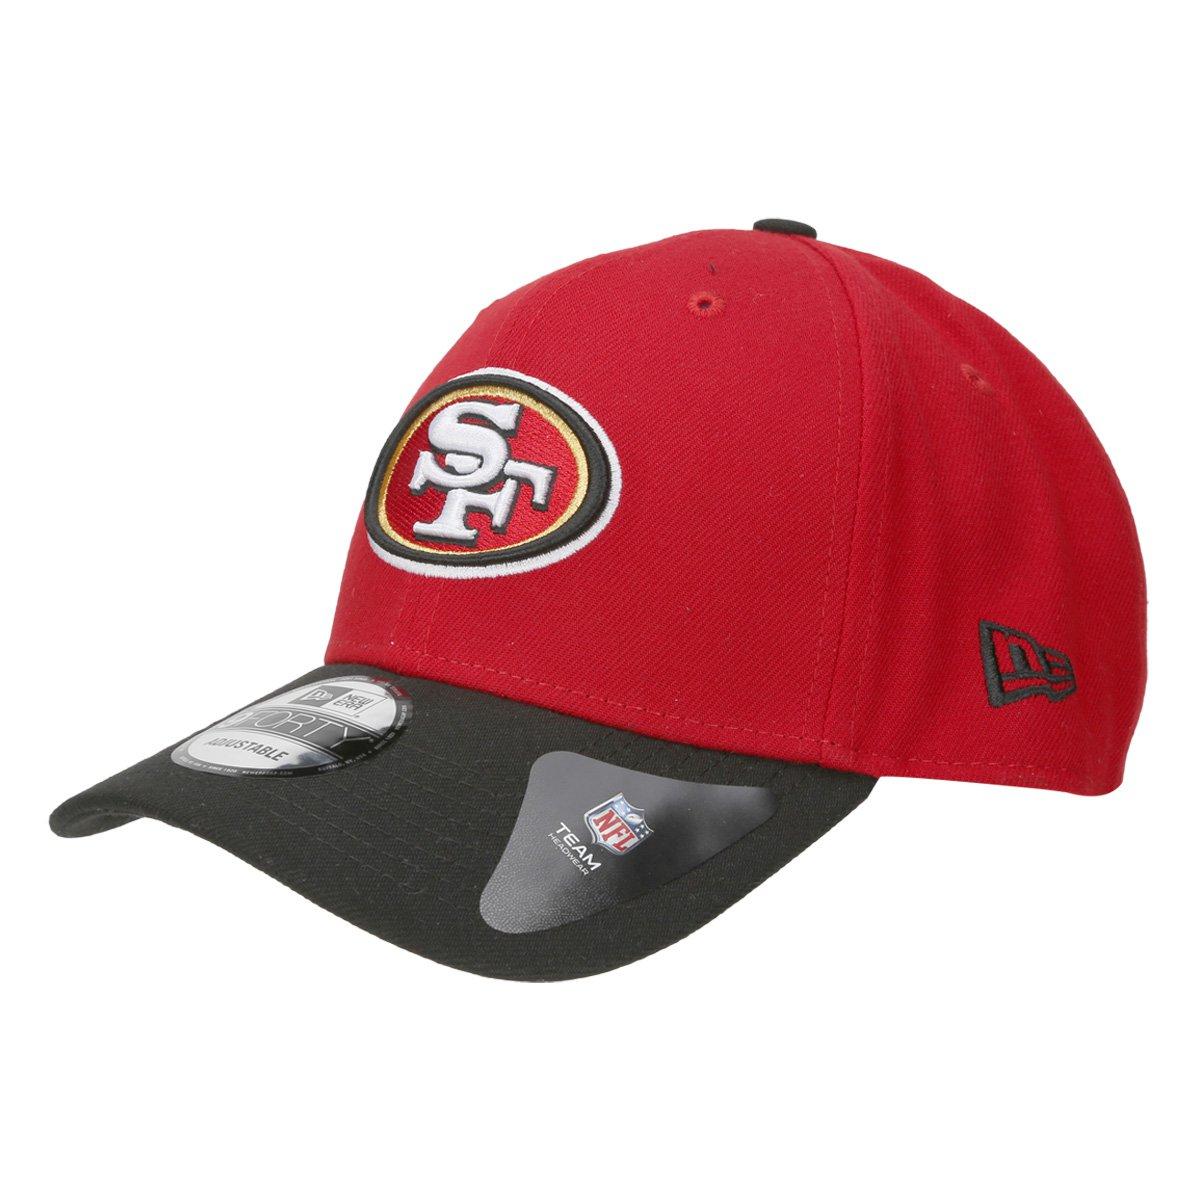 Boné San Francisco 49ers New Era Aba Curva NFL 940 Hc Sn Basic - Vermelho e  Preto - Compre Agora  b44058b81eb